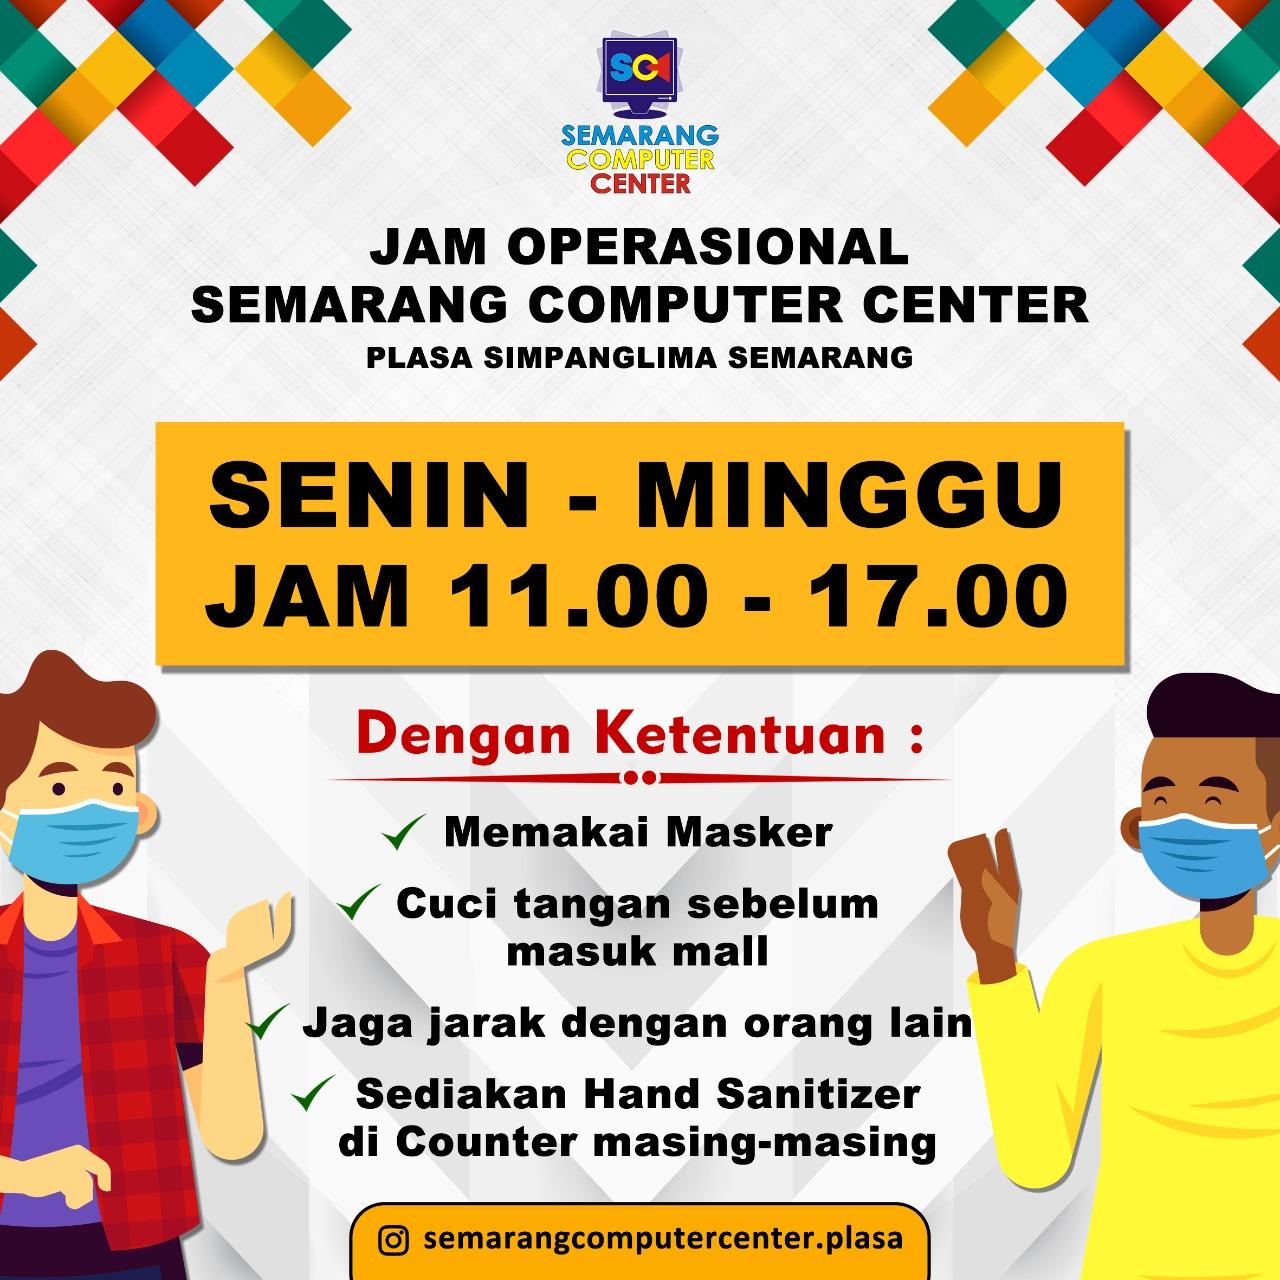 Jam Operasional Semarang Computer Center